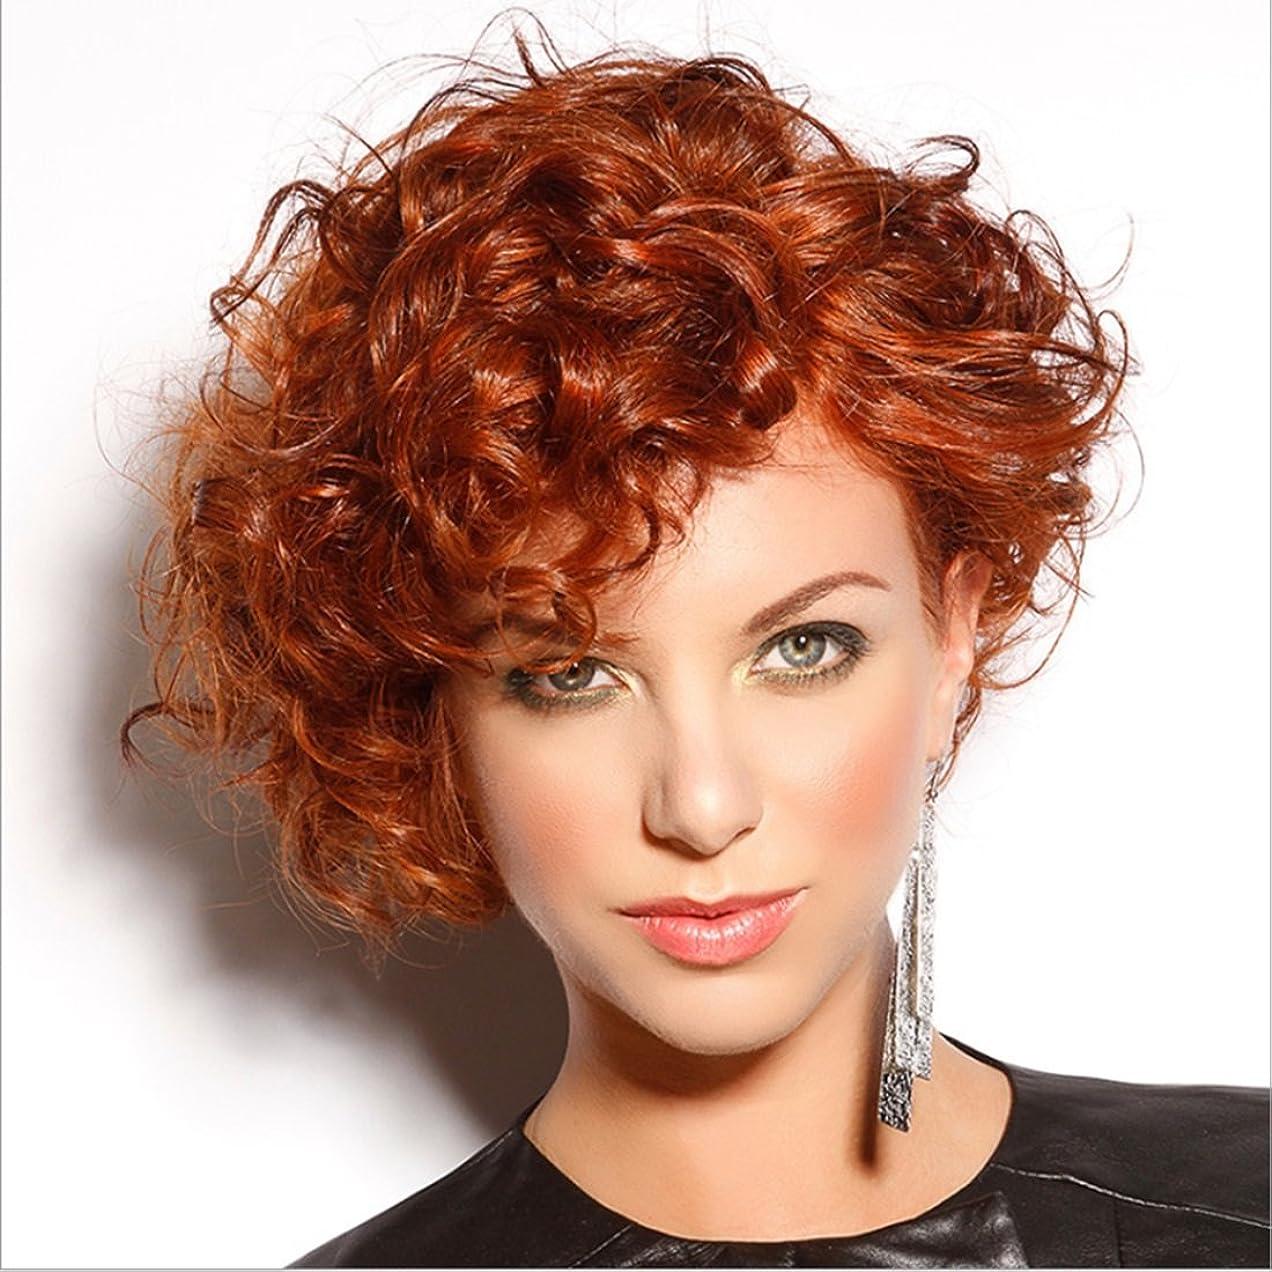 先のことを考えるコントローラ雹BOBIDYEE 20センチメートルボボヘッドかつら部分的な斜め前髪付き女性の短い巻き毛のかつら若者の人格女性ファッションかつら (色 : ワインレッド)